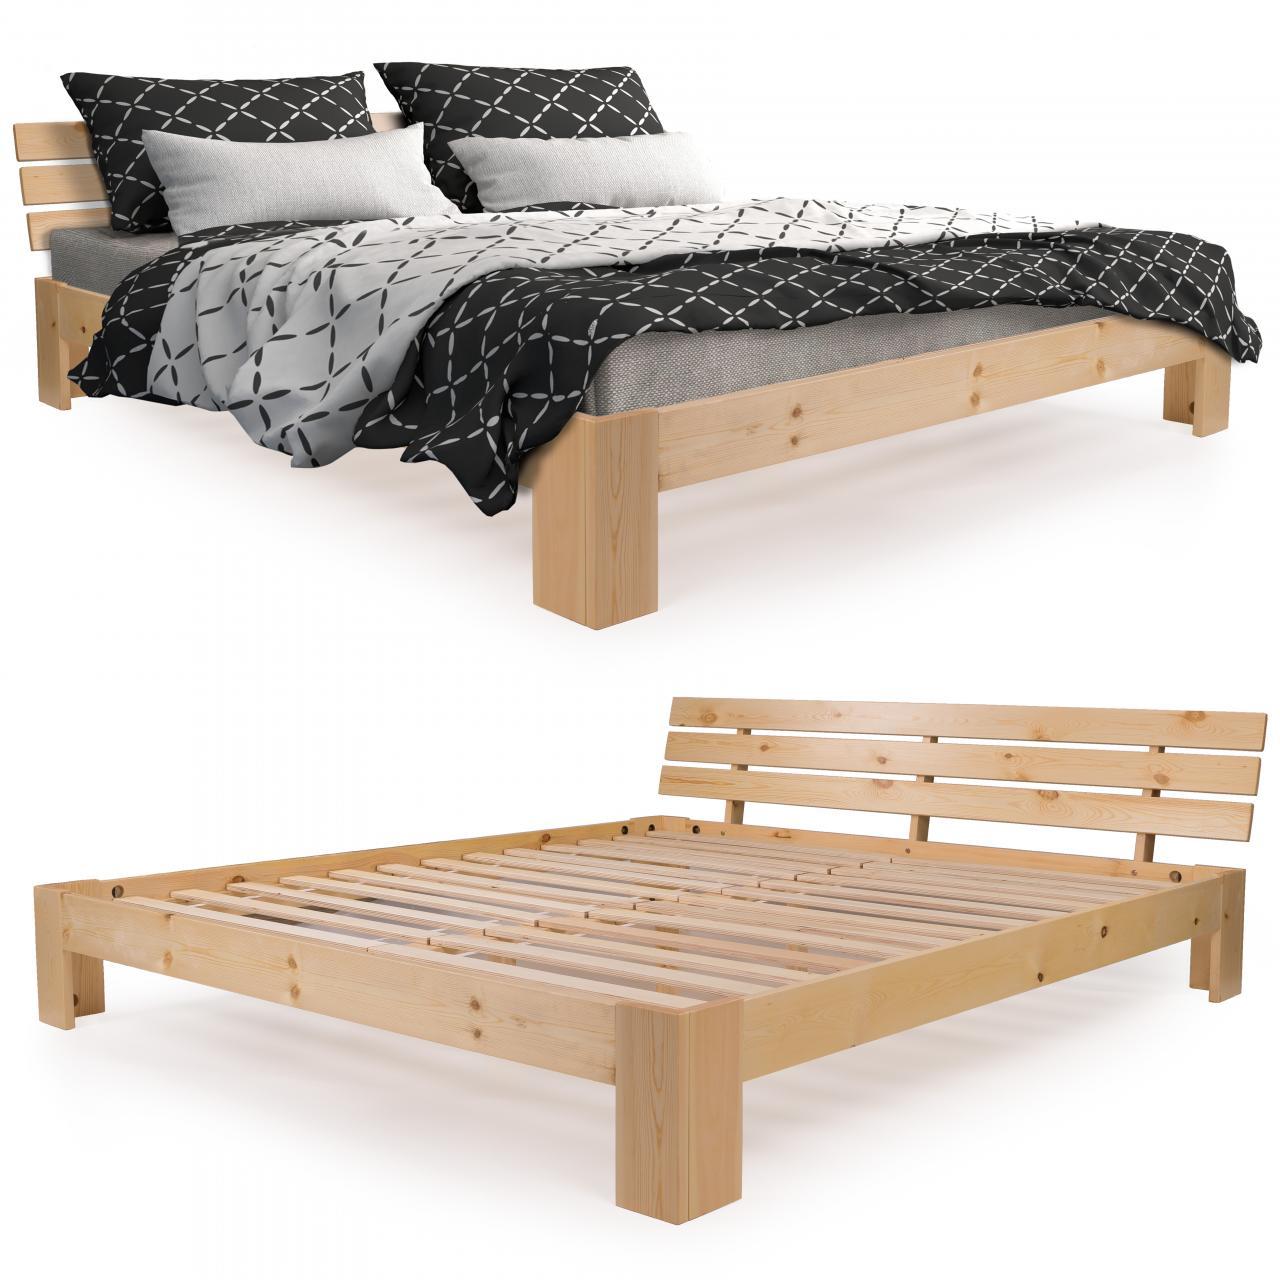 homelux holzbett kiefer doppelbett bettgestell bettrahmen. Black Bedroom Furniture Sets. Home Design Ideas